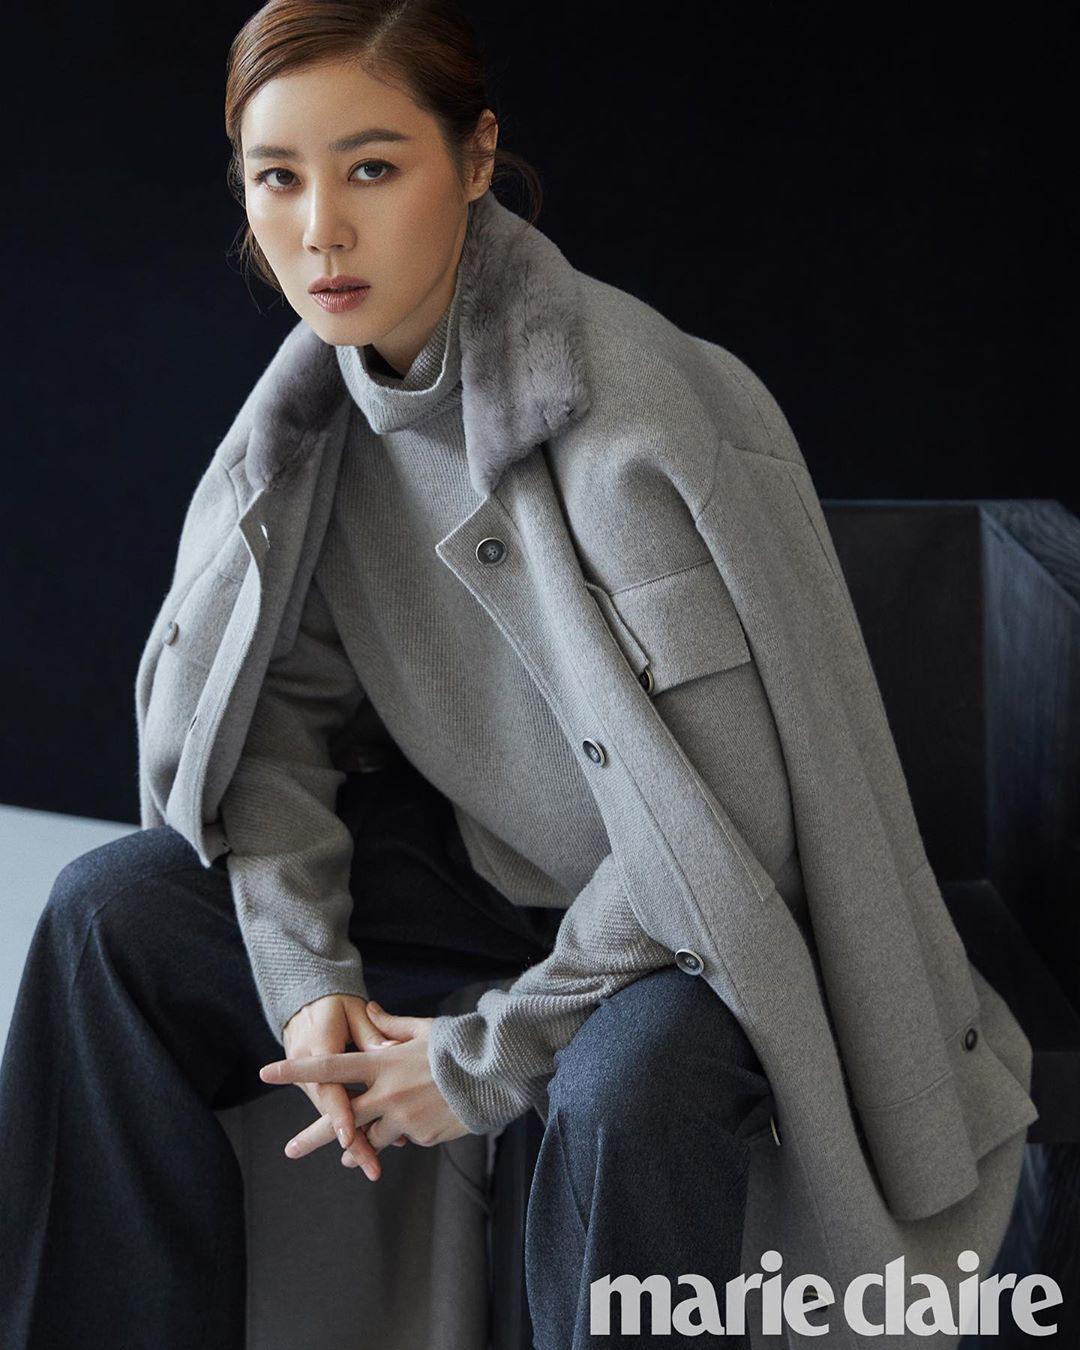 韩国冻龄美女演员当道!除了《夫妻的世界》金喜爱外还有她们!插图(11)